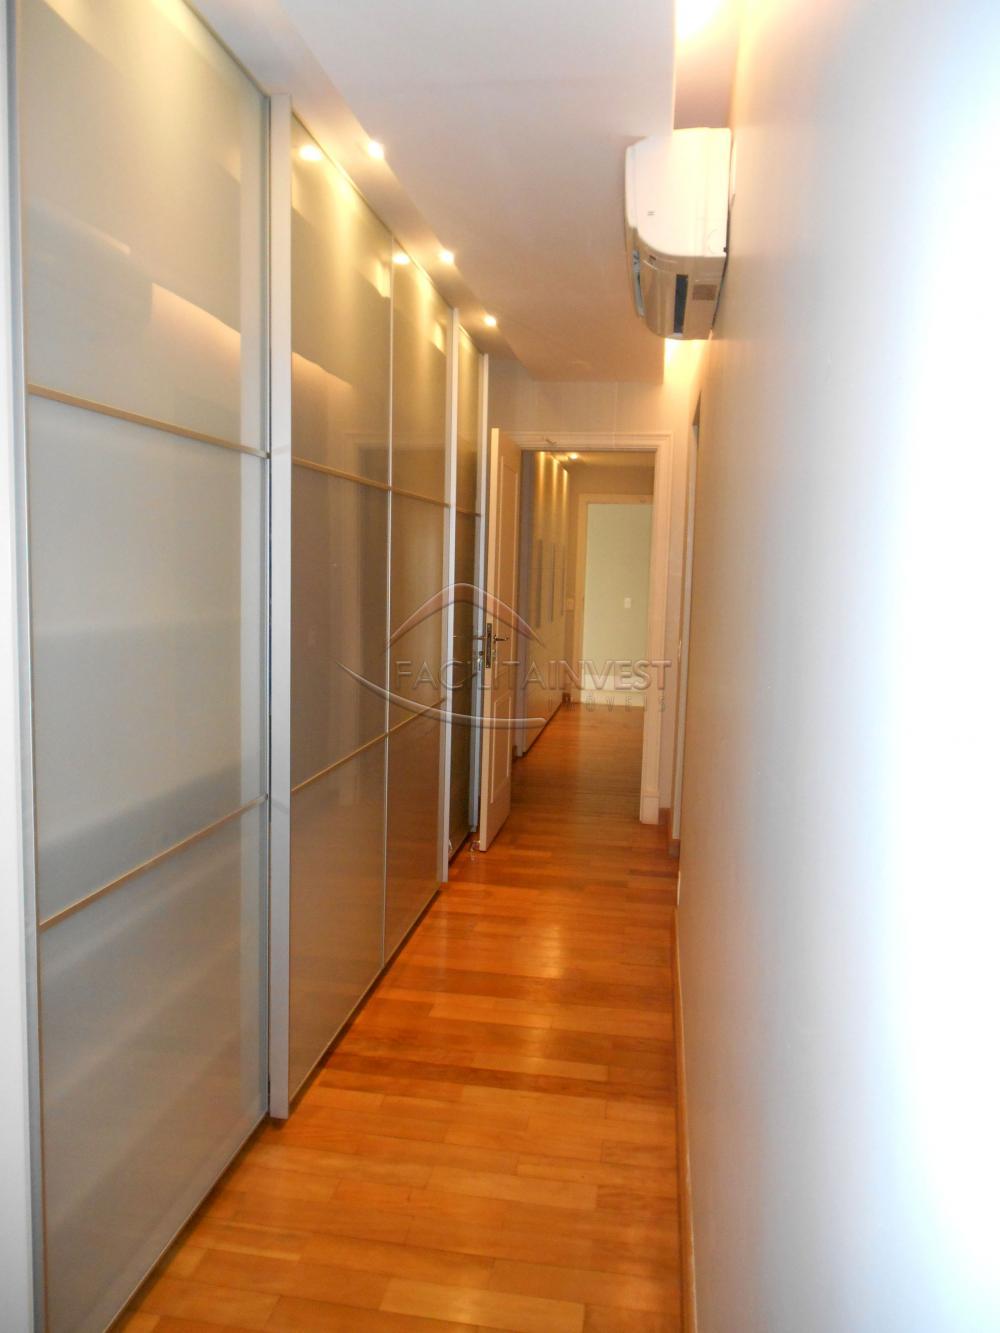 Comprar Apartamentos / Apart. Padrão em Ribeirão Preto apenas R$ 2.200.000,00 - Foto 20